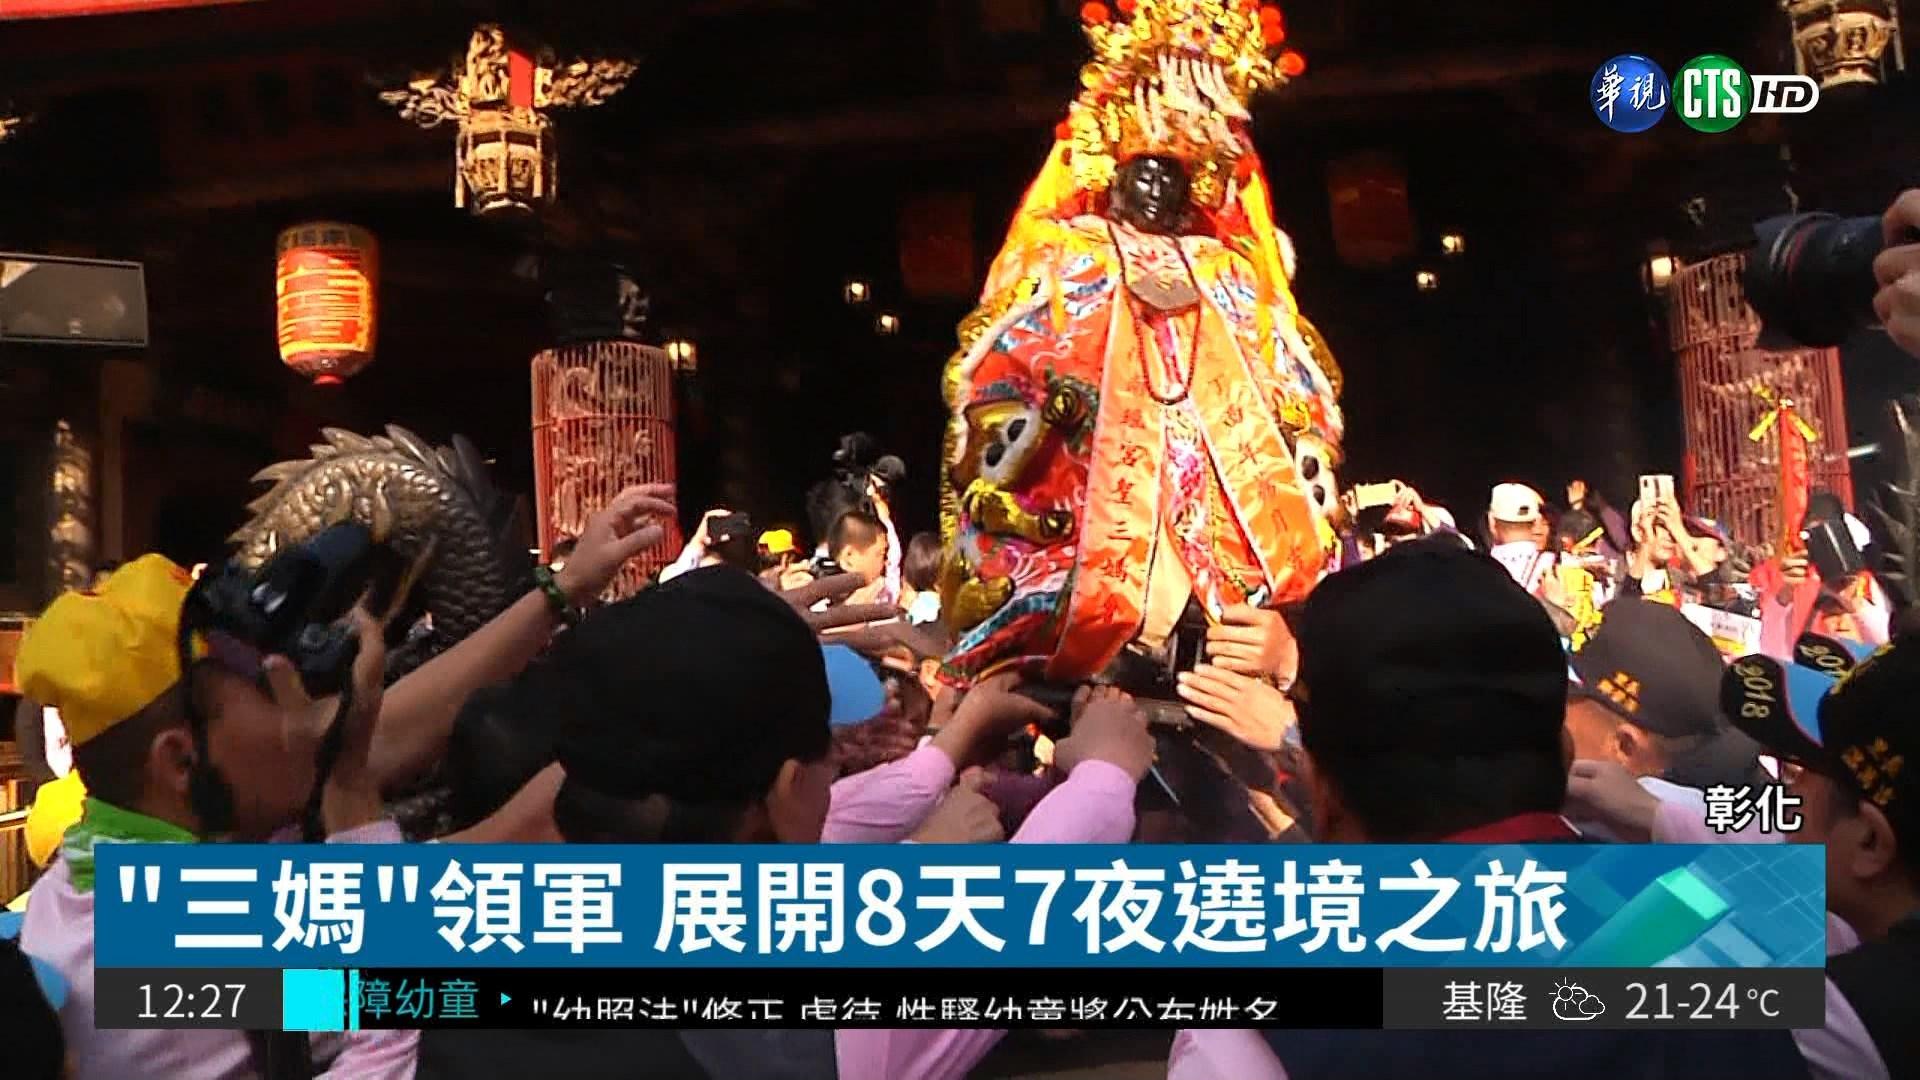 南瑤宮媽祖起駕 徒步百年進香古路